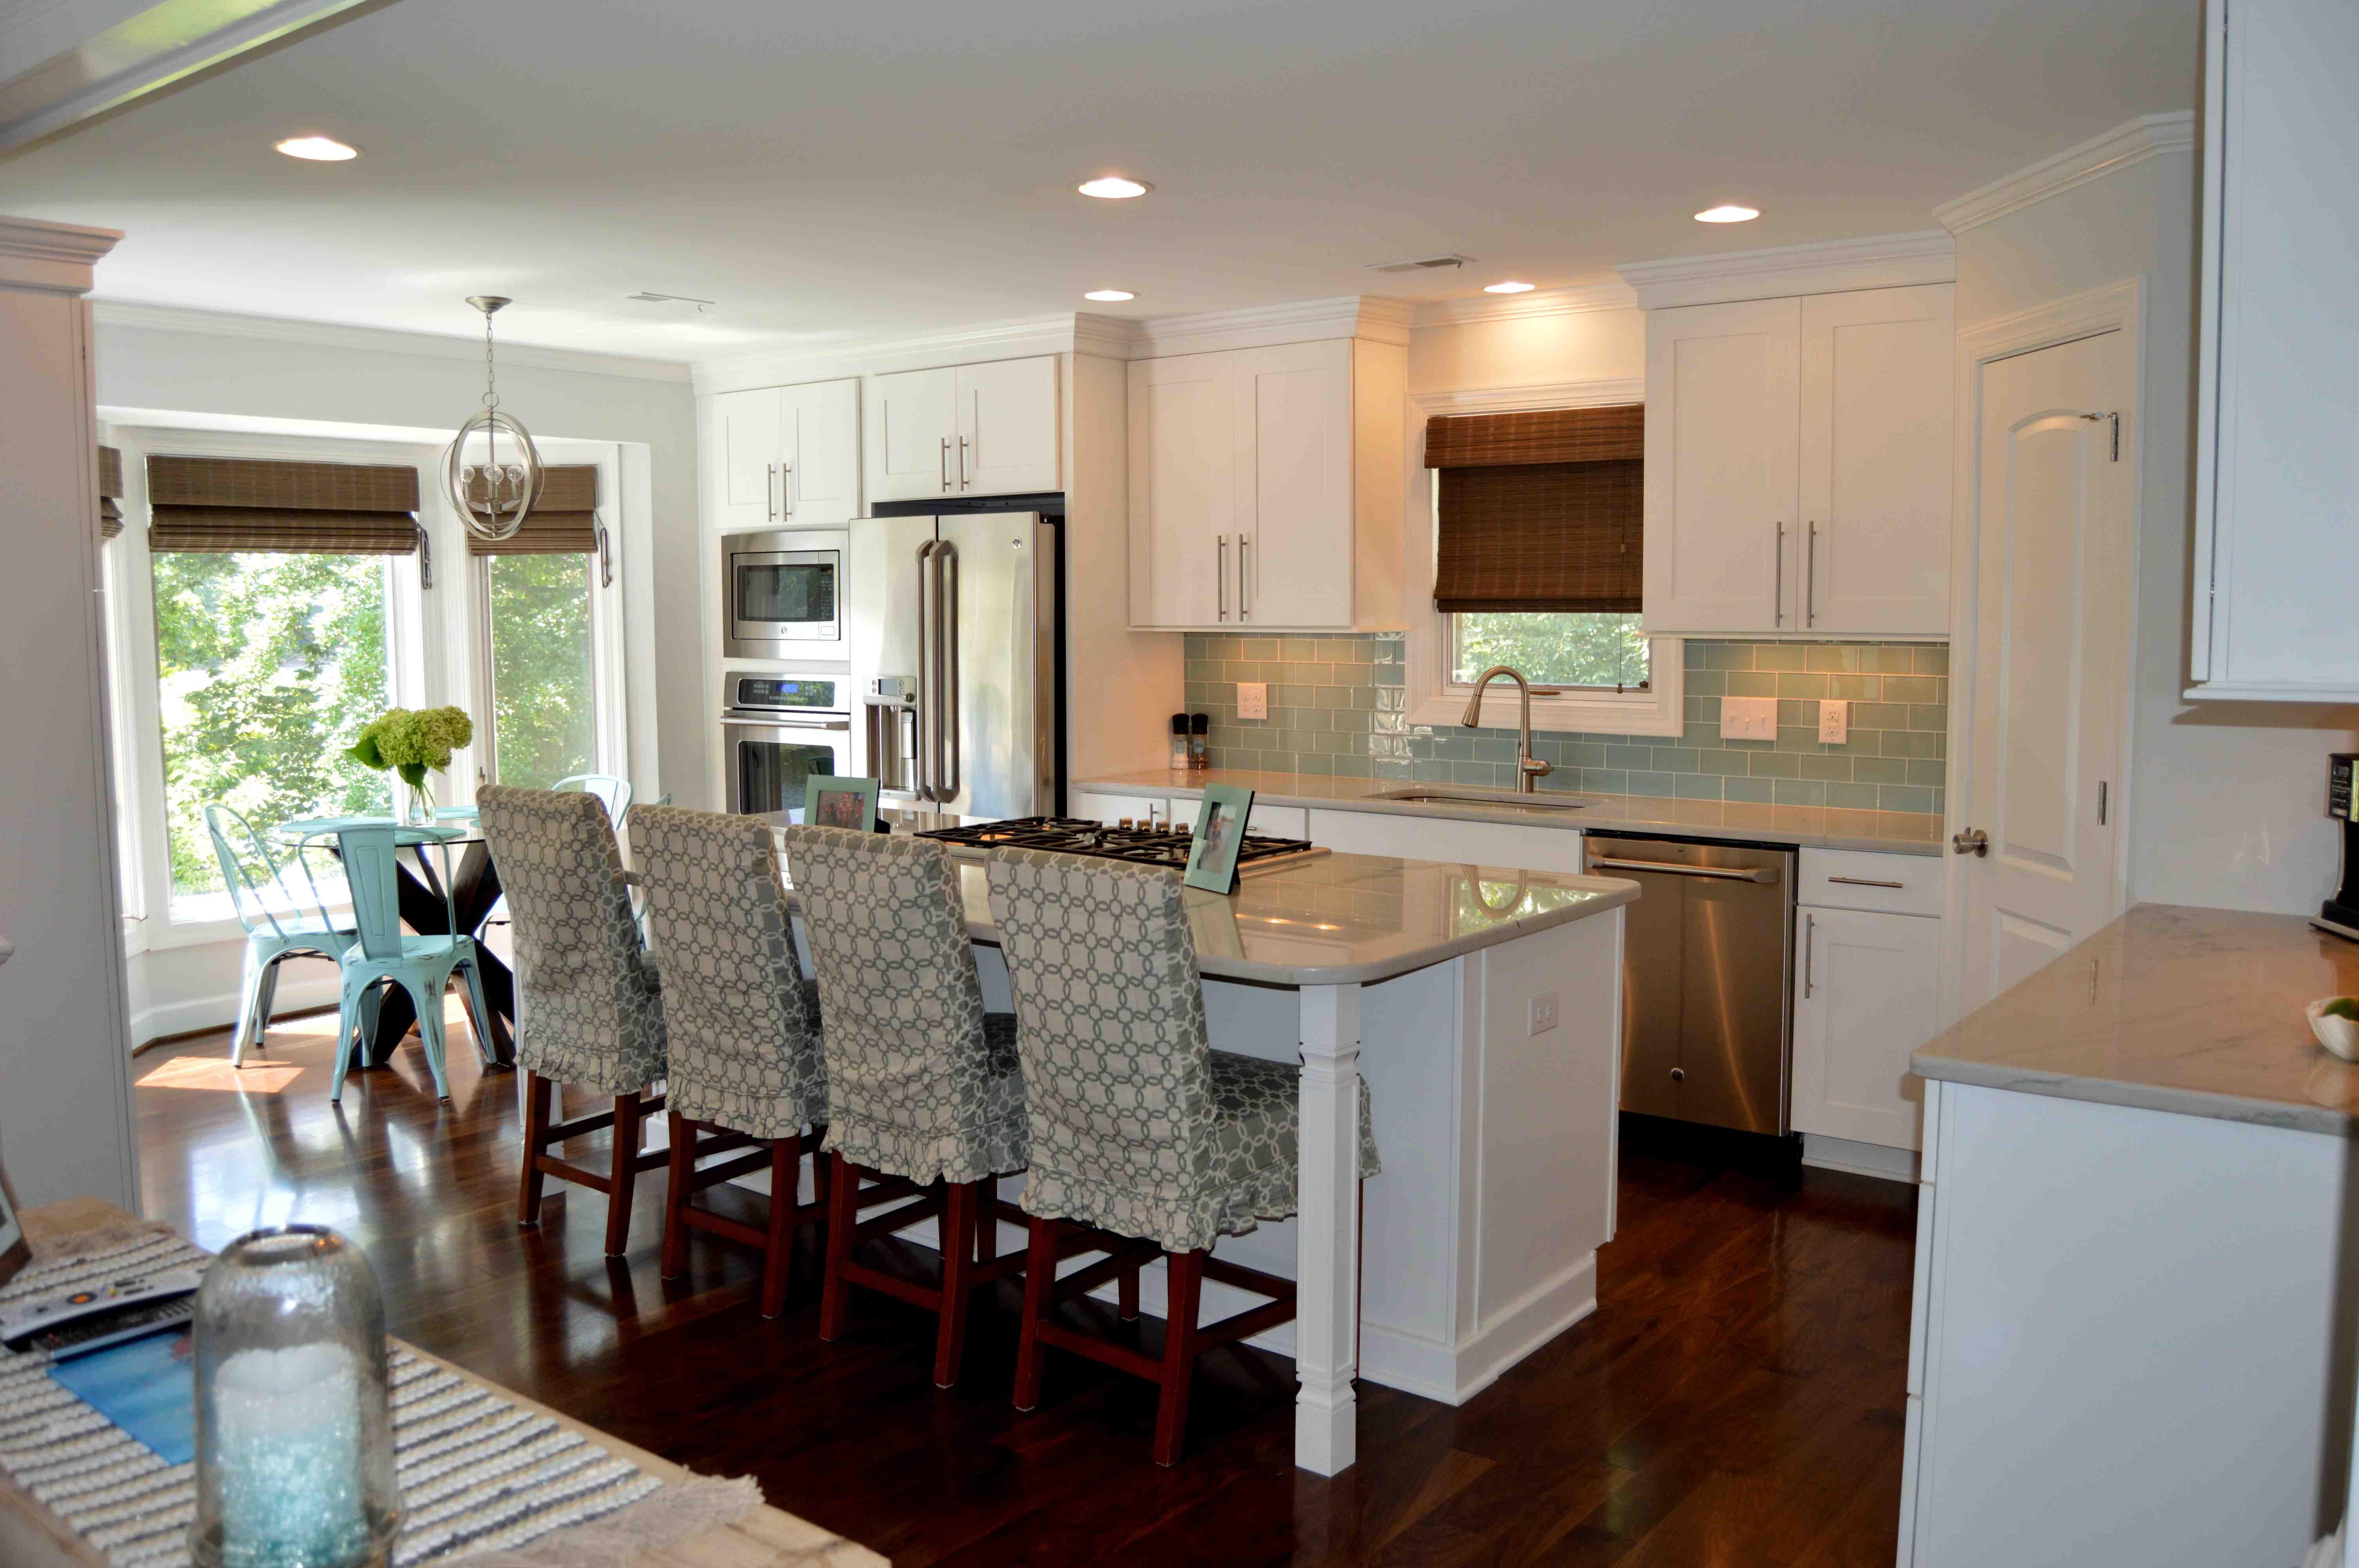 kitchen remodeling virginia beach supplies online bourne remodel hatchett design